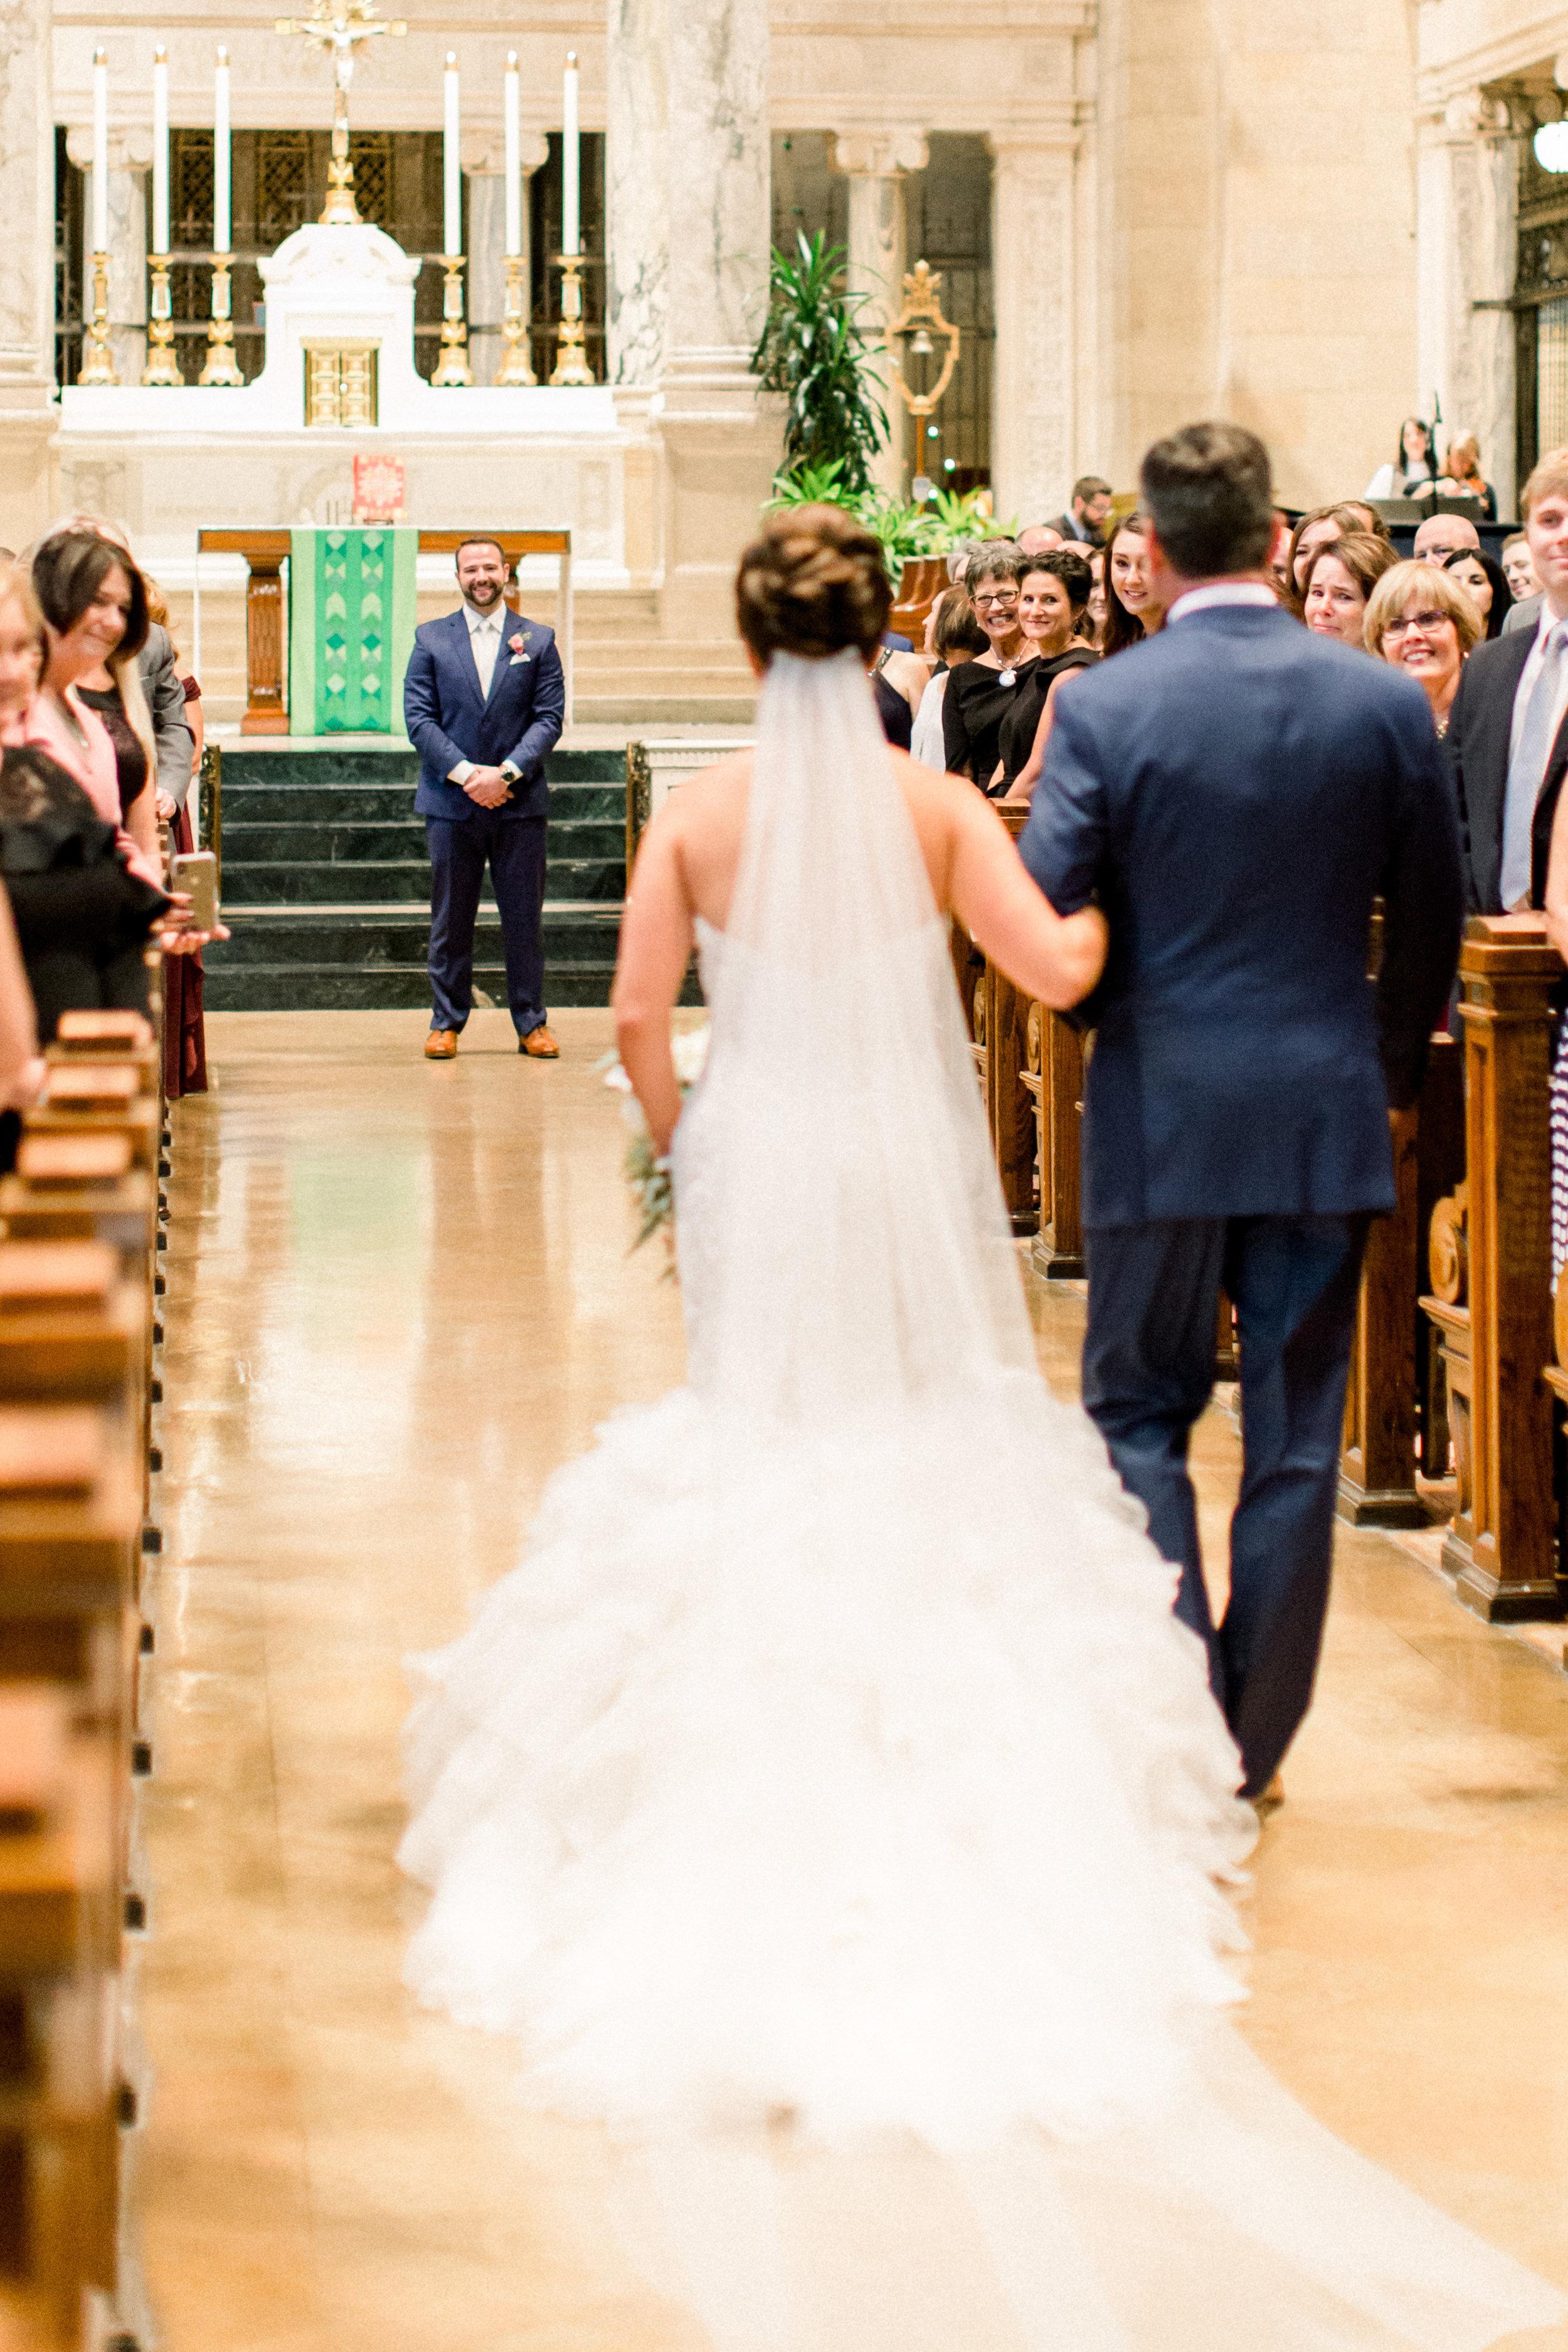 Ceremony_Bride Entrance-1.jpg